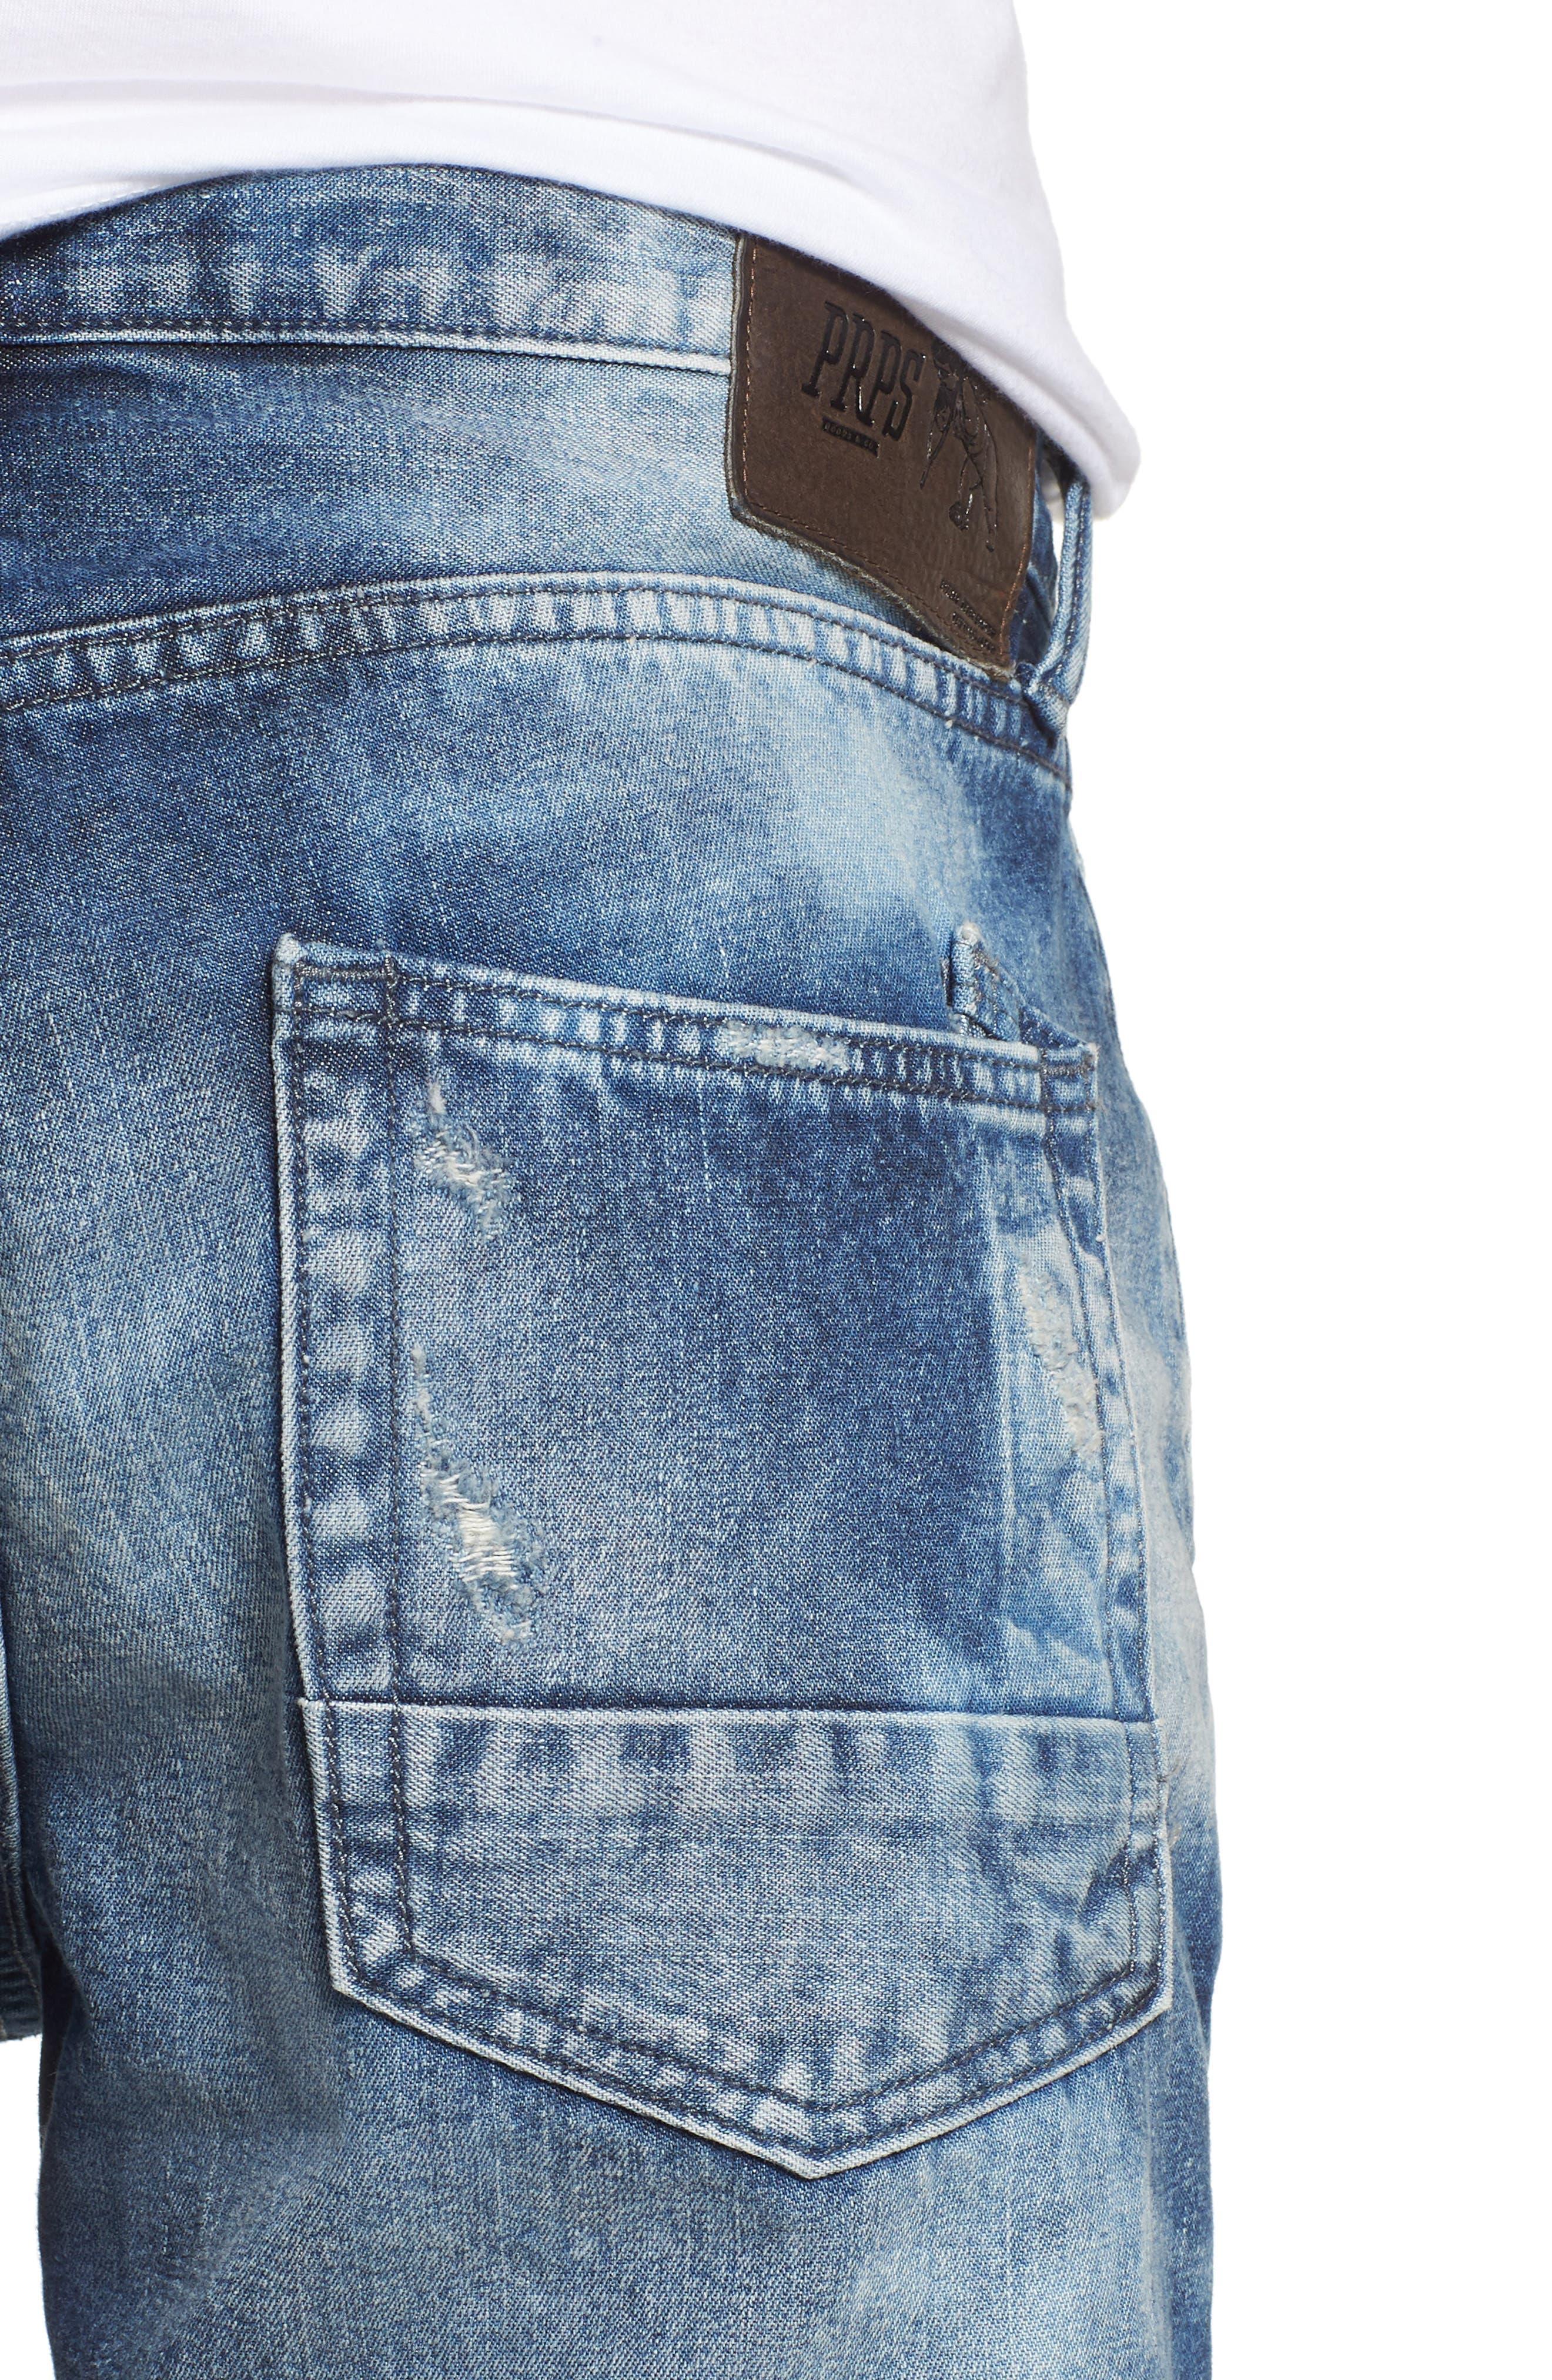 Le Sabre Slim Fit Jeans,                             Alternate thumbnail 4, color,                             496